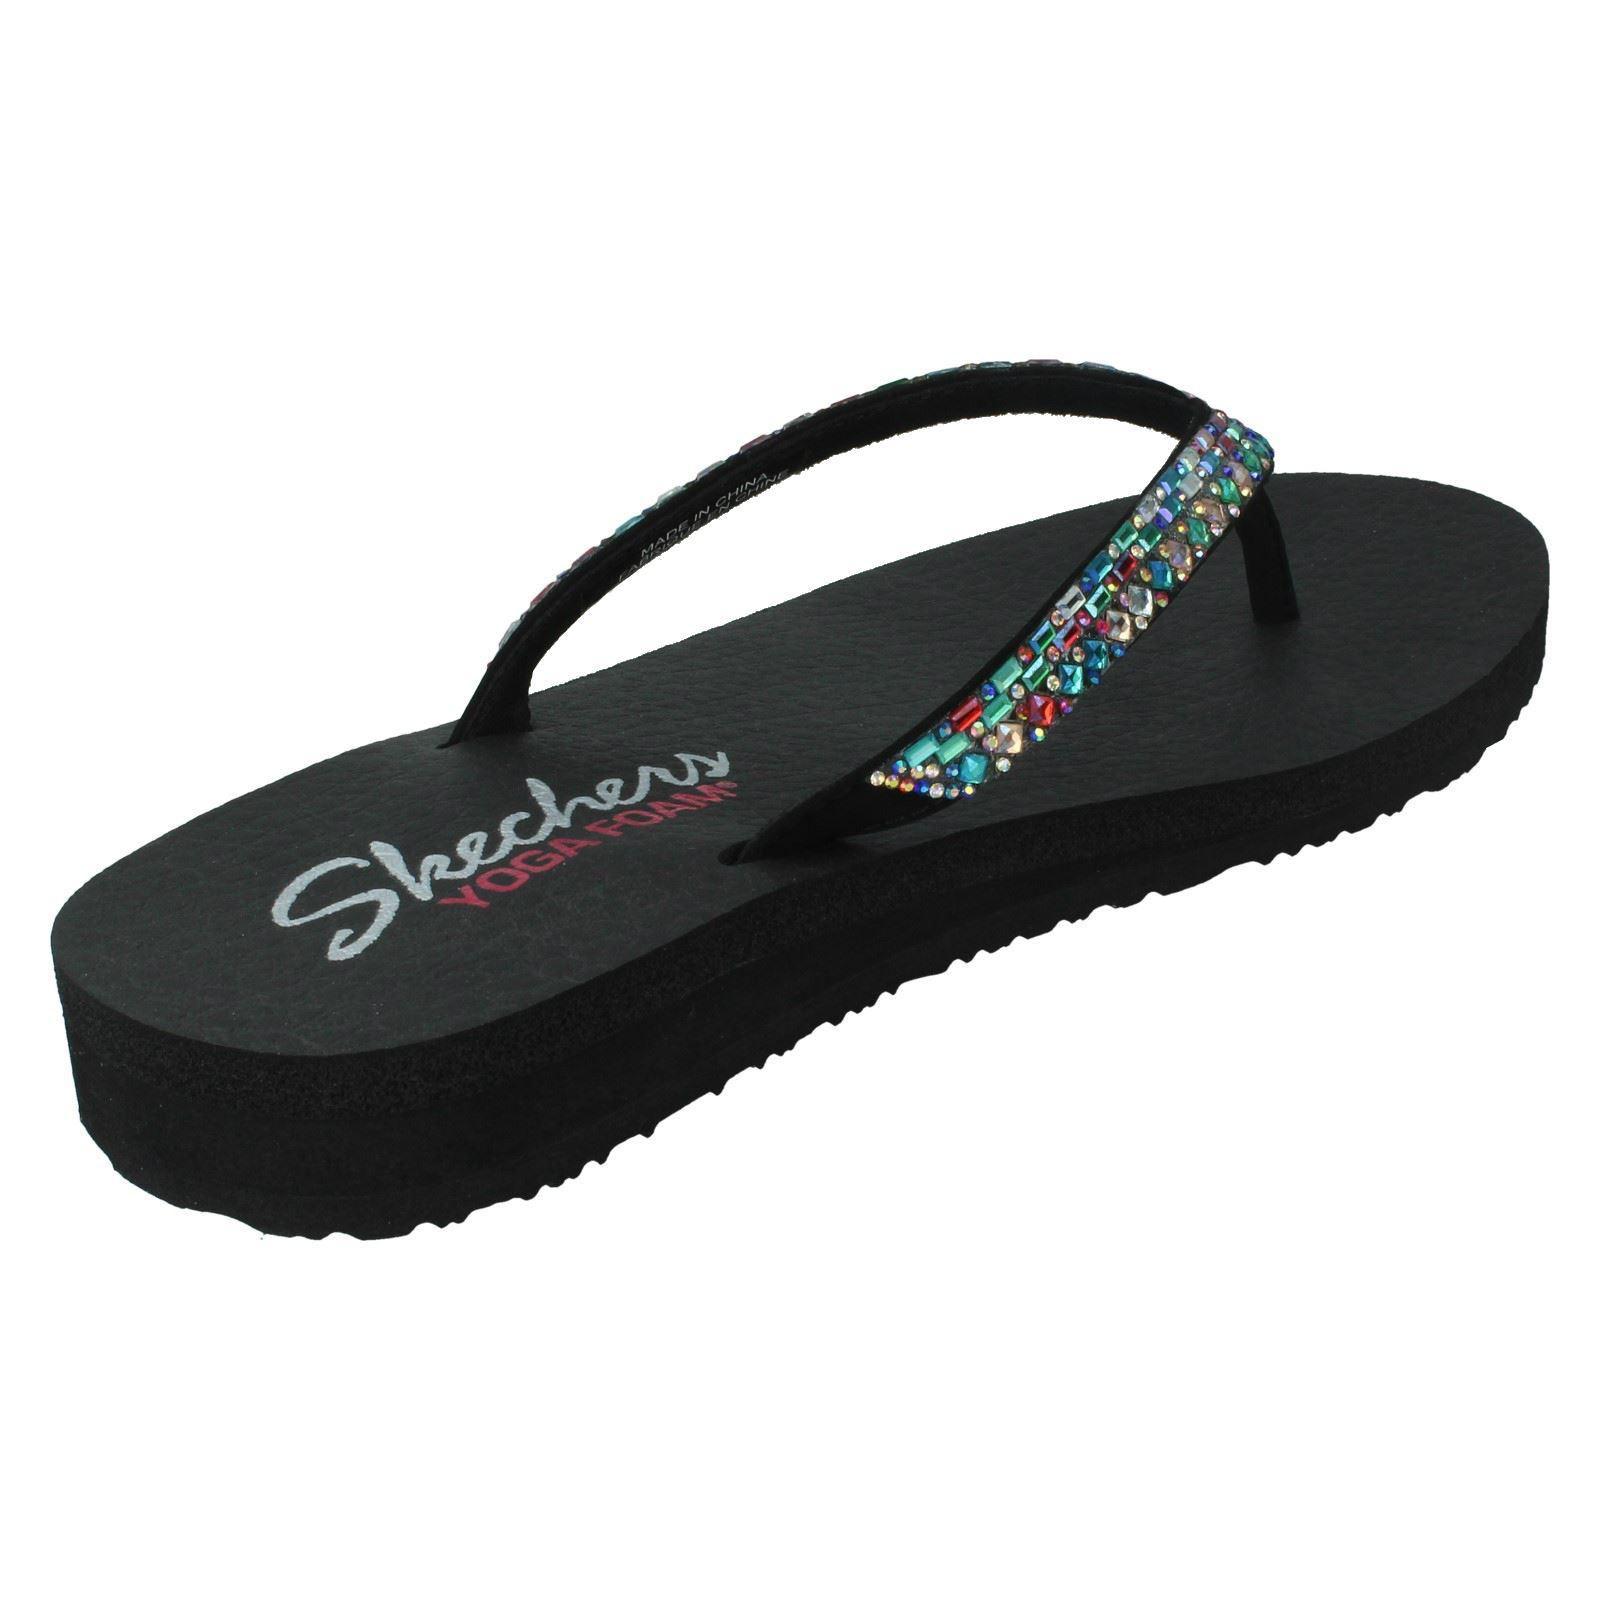 Yoga Foam Sandals \